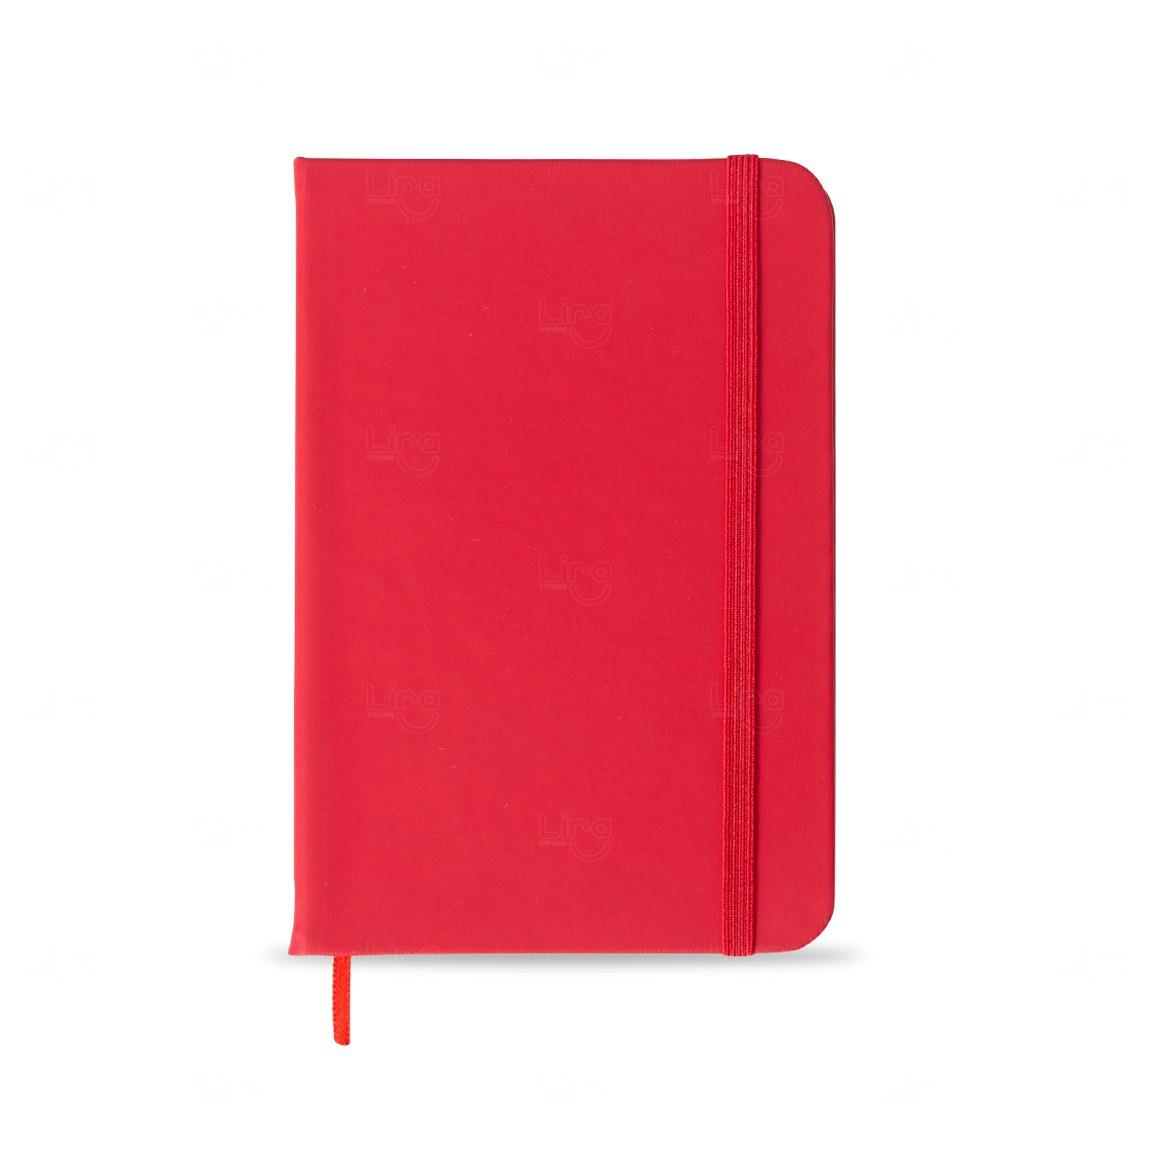 Caderno Tipo Moleskine Personalizado Vermelho